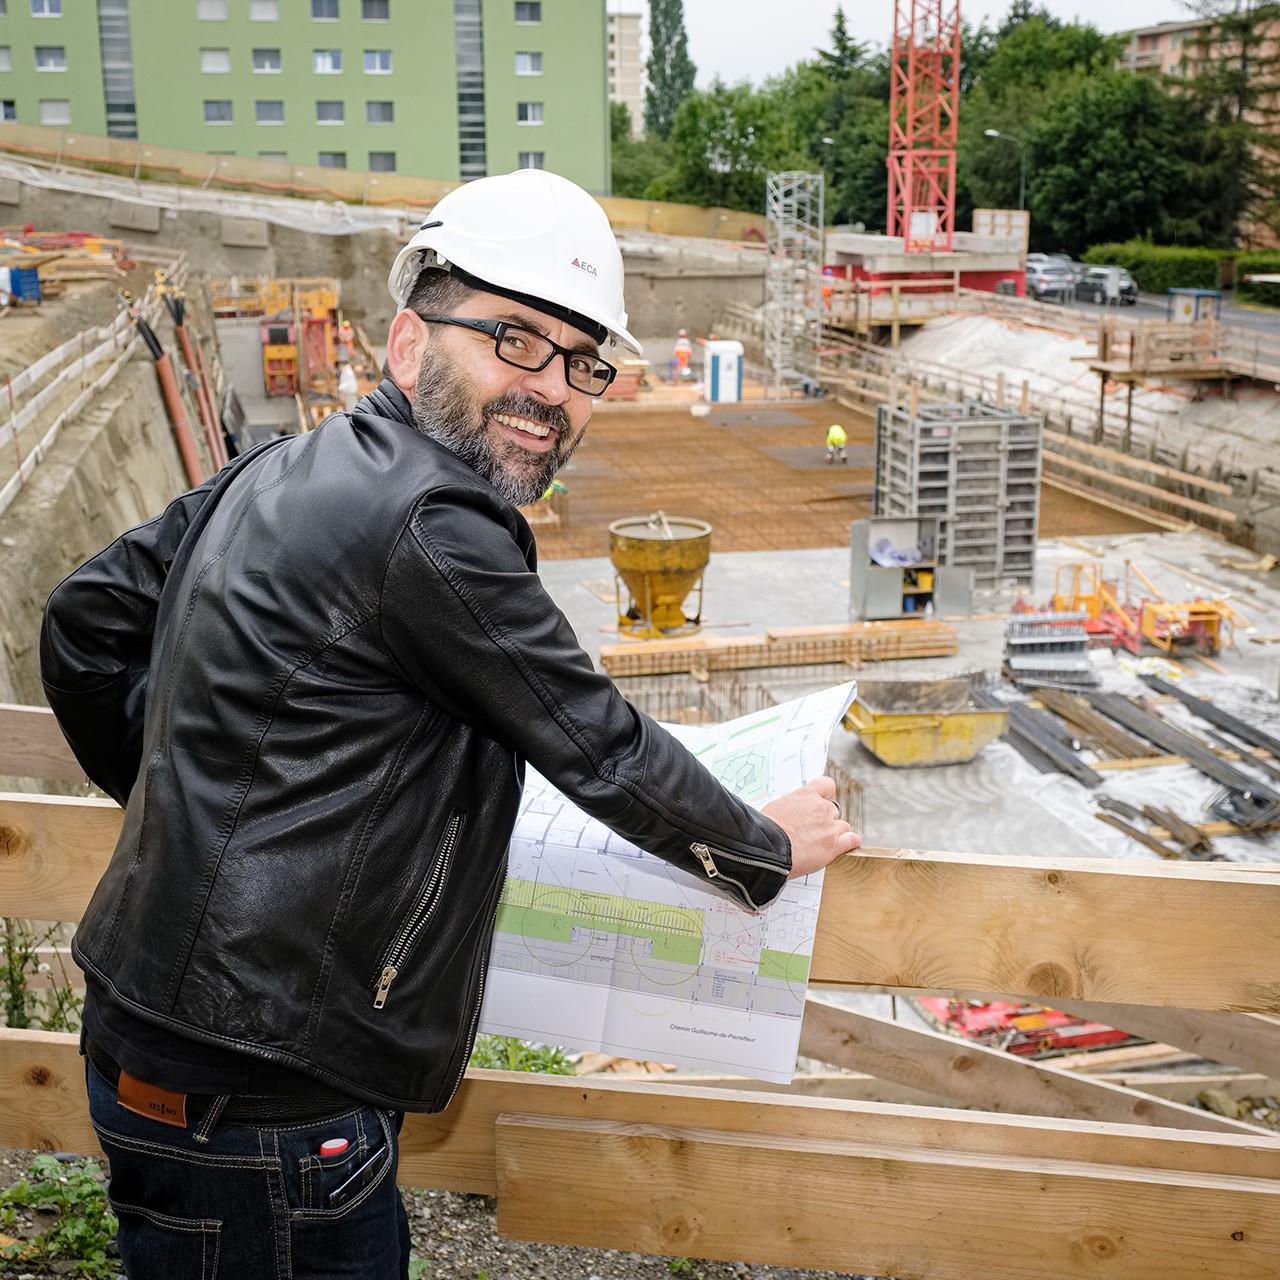 La construction au Chemin de Pierrefleur (quartier Le Désert) avance bon train: la mise en location de 70 logements est prévue au printemps 2022.